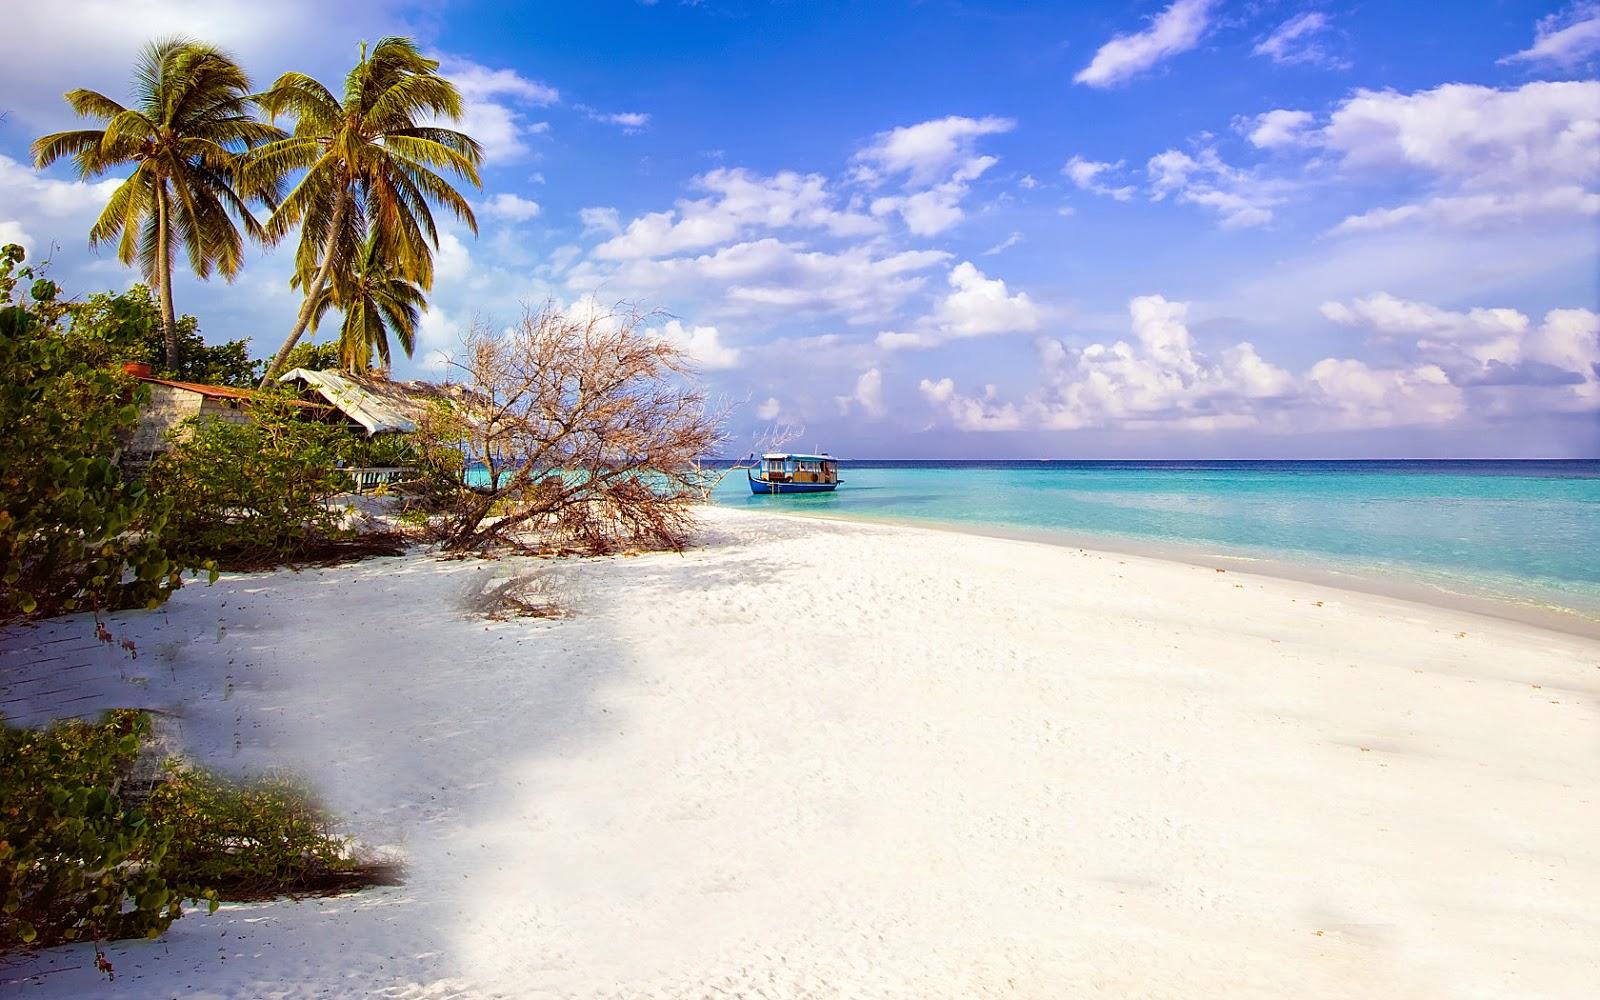 pulau seribu - inilah 5 Wisata Bawah Laut Indonesia Terpopuler yang harus Anda kunjungi.